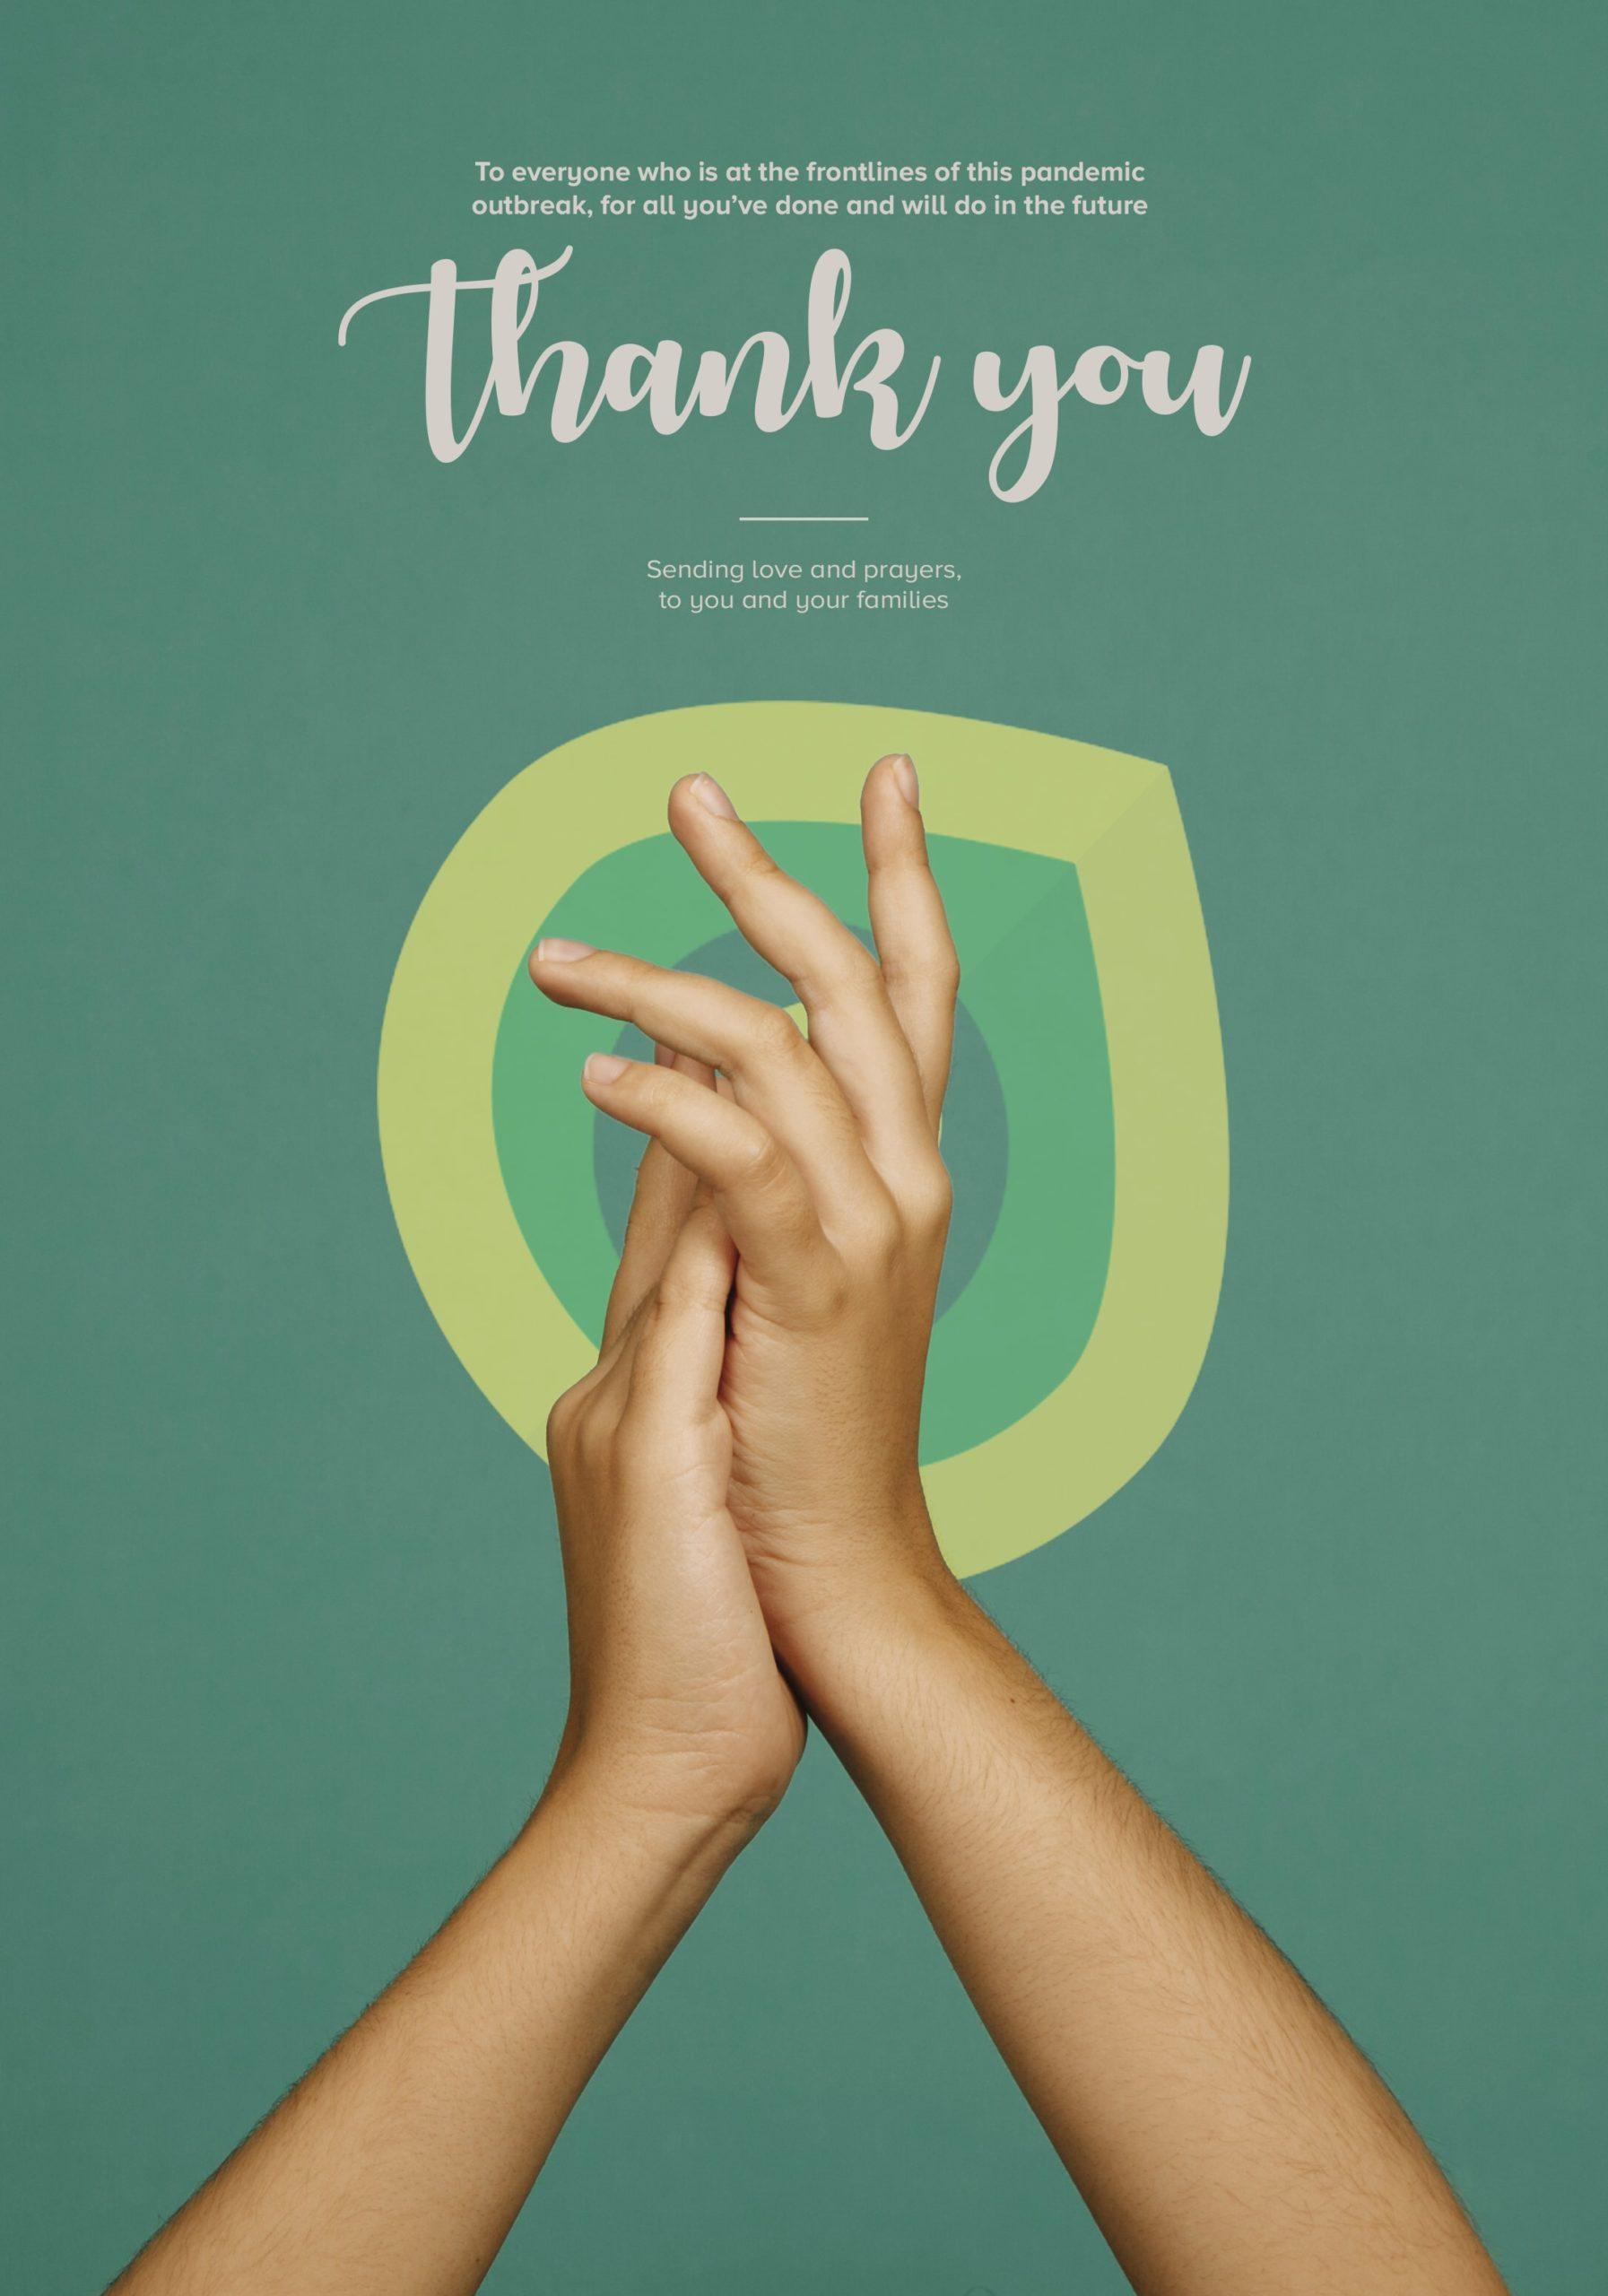 Coronavirus-Thank-You